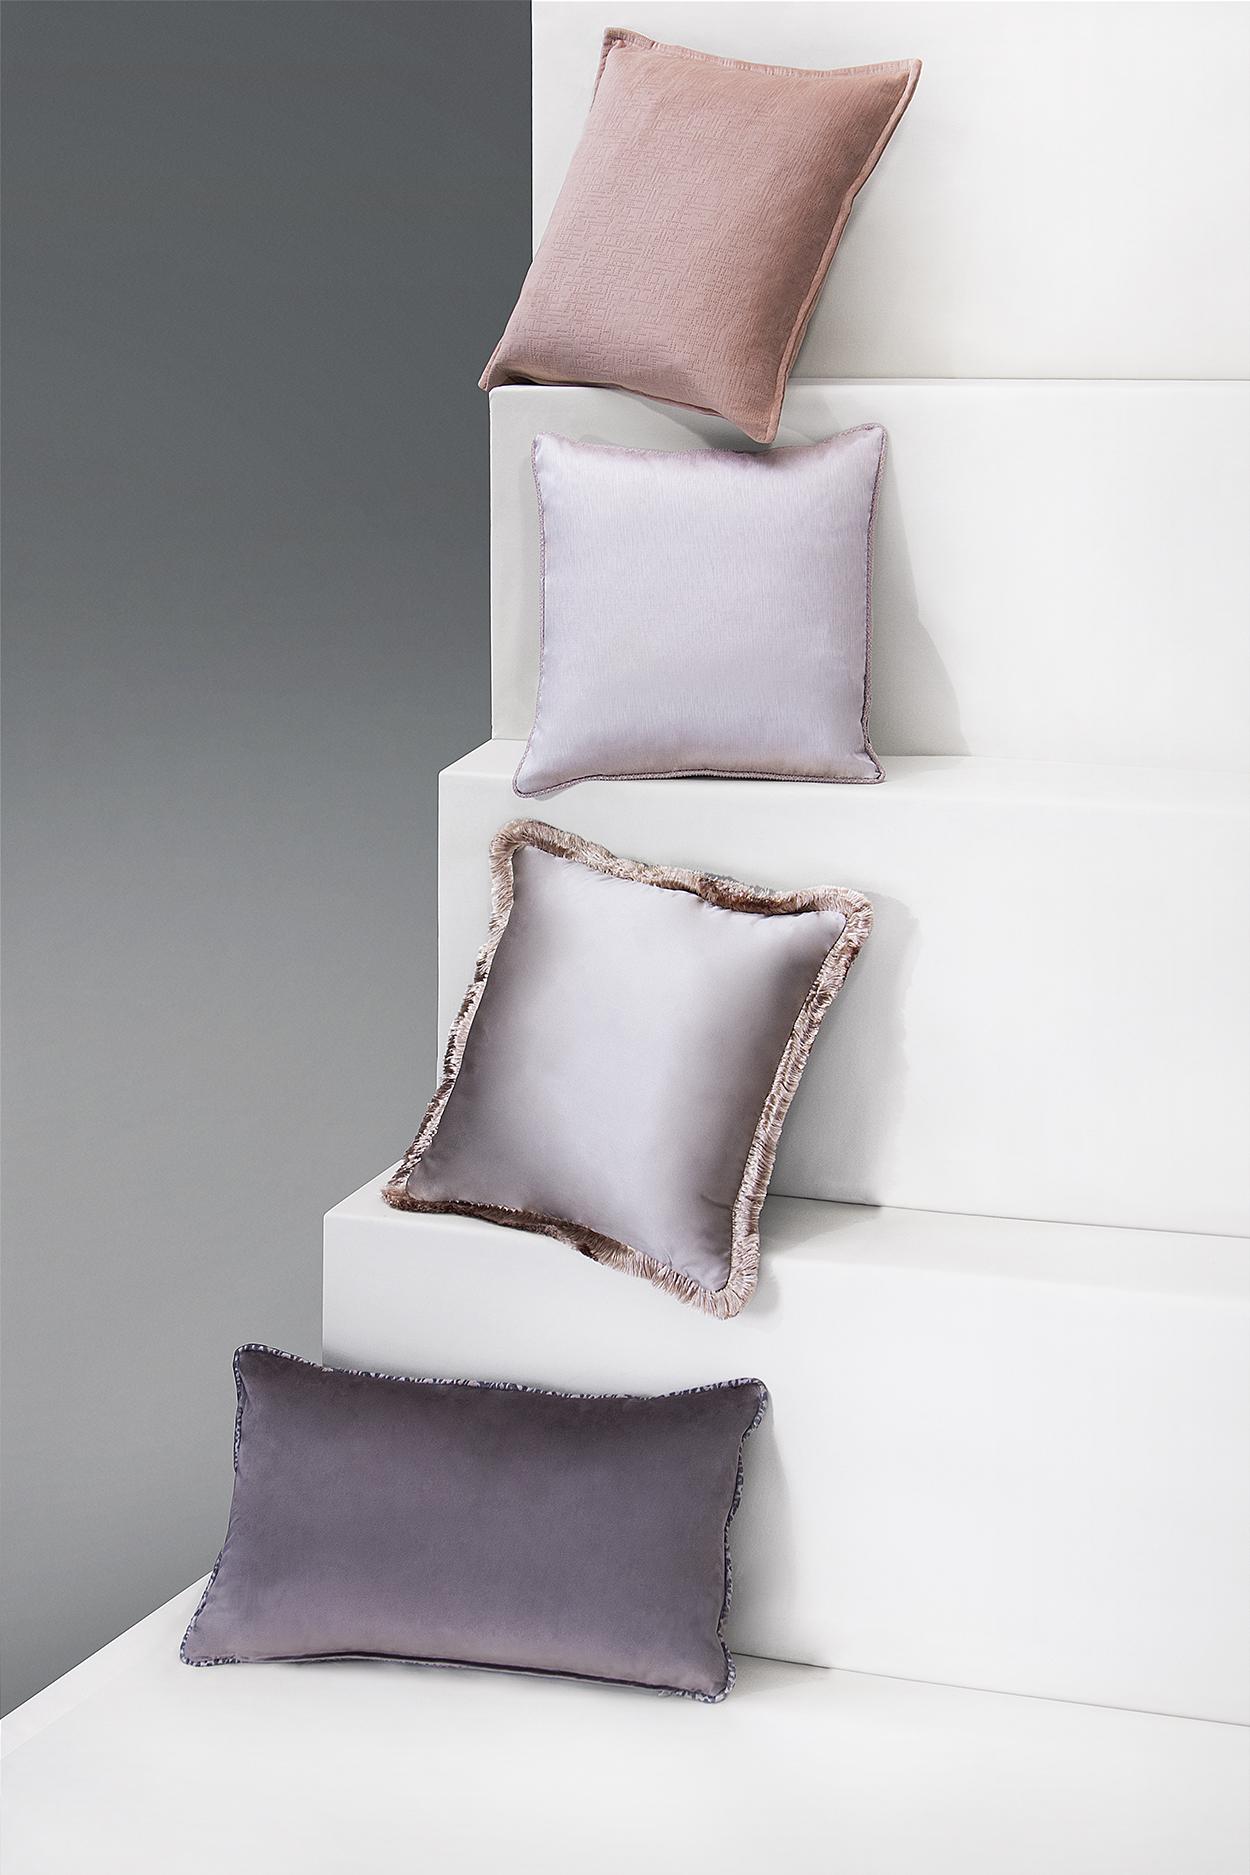 Весенние цветовые тенденции: 5 советов по дизайну интерьера цветовые тенденции Весенние цветовые тенденции: советы по дизайну интерьера BRABBUs Essential Pillows 2